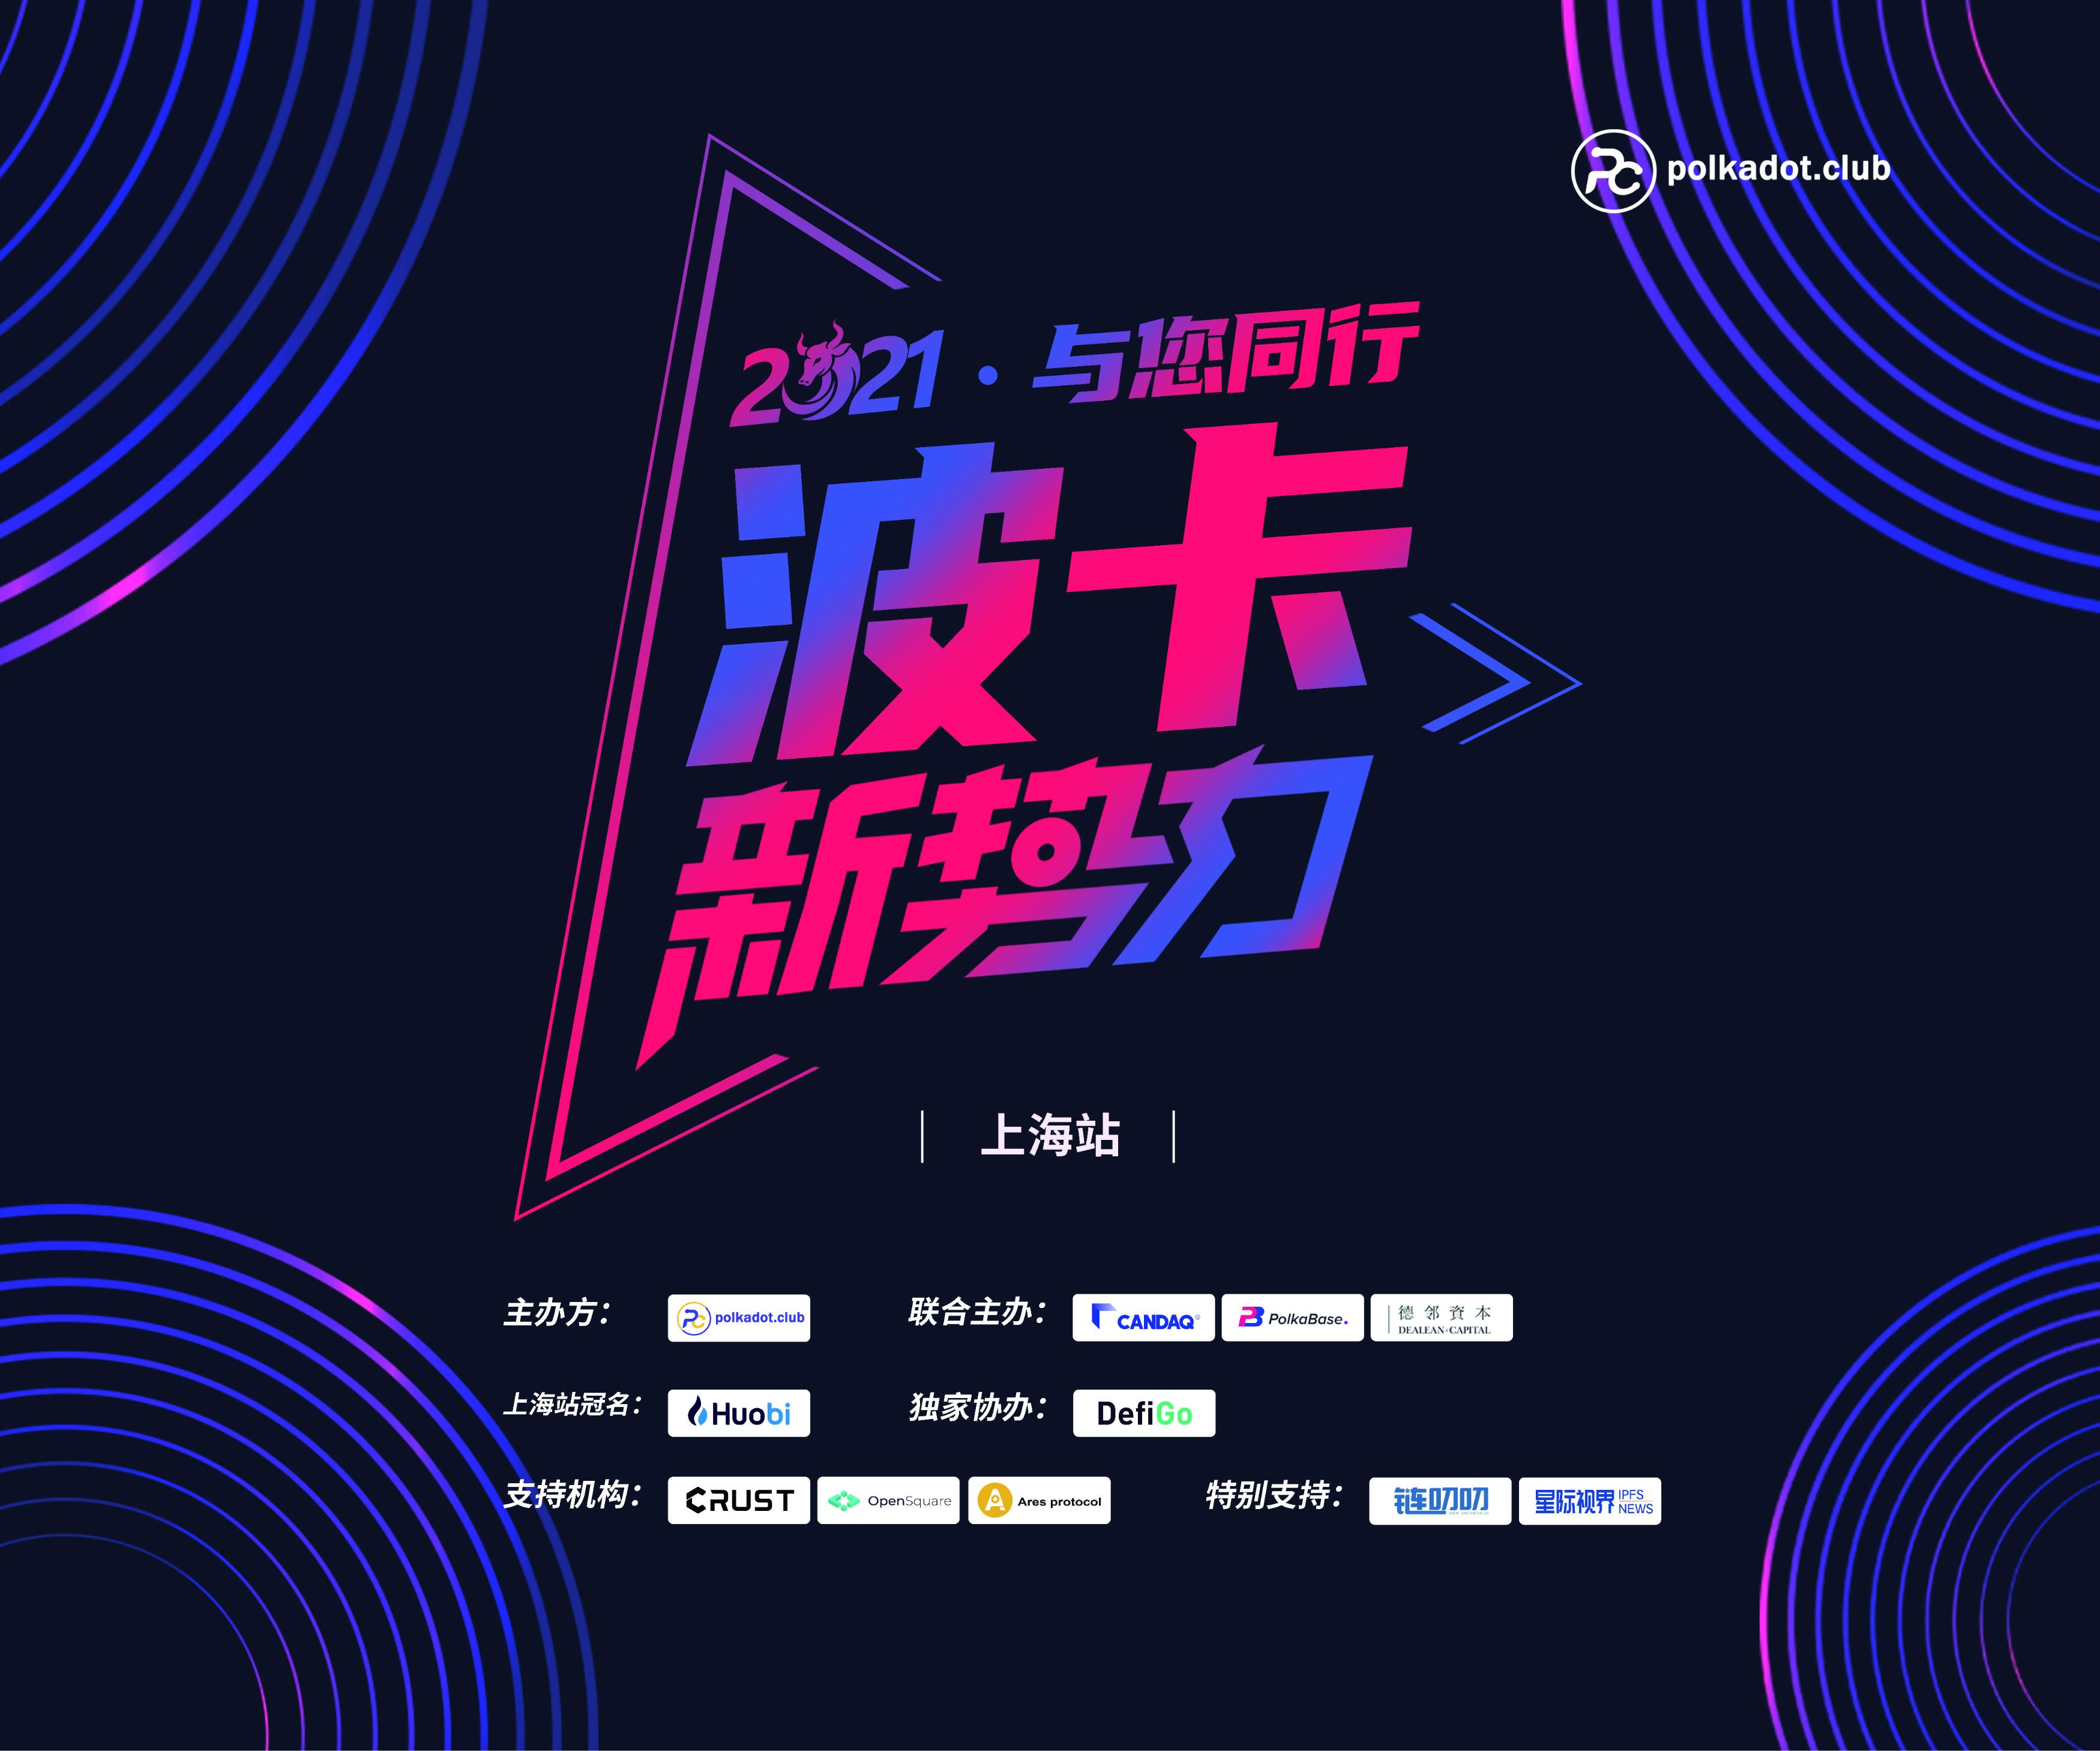 """波卡盛会丨""""2021.与您同行""""波卡新势力(上海站)圆满举办插图"""